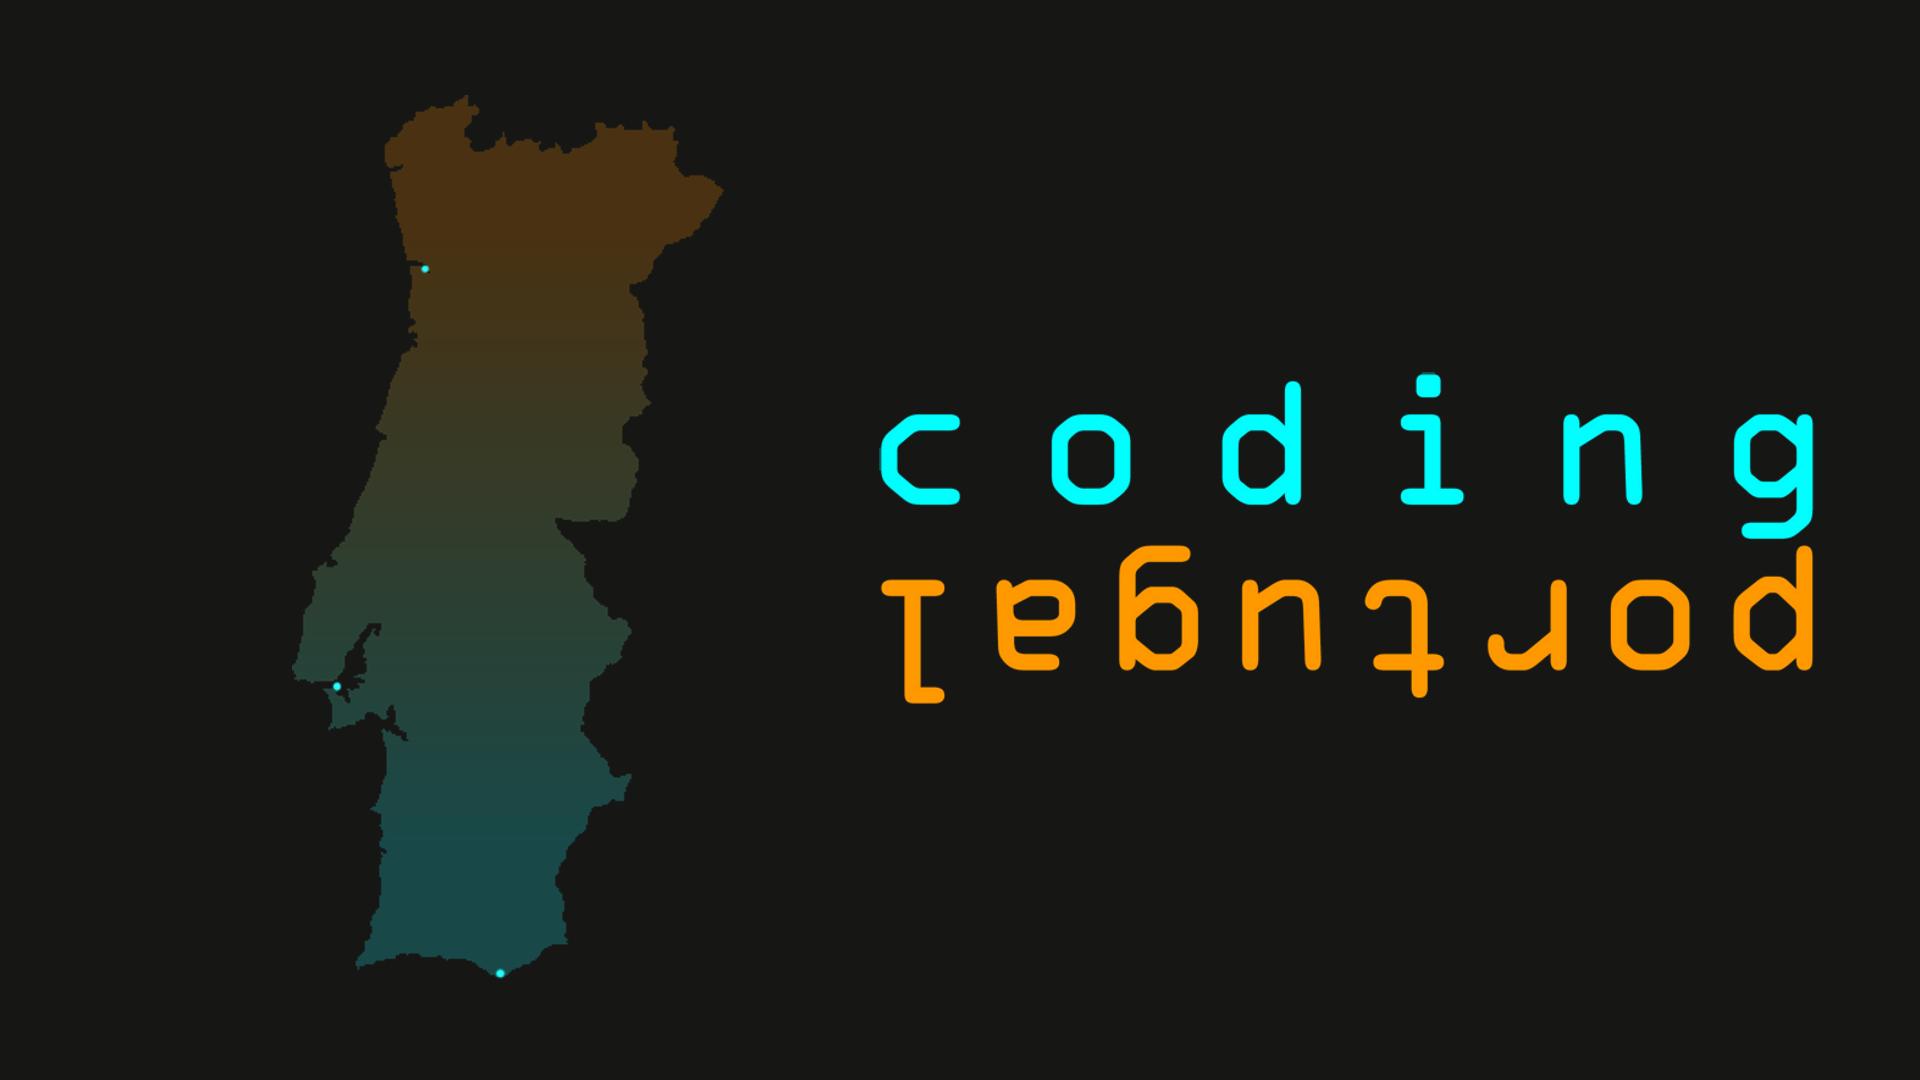 Coding Portugal